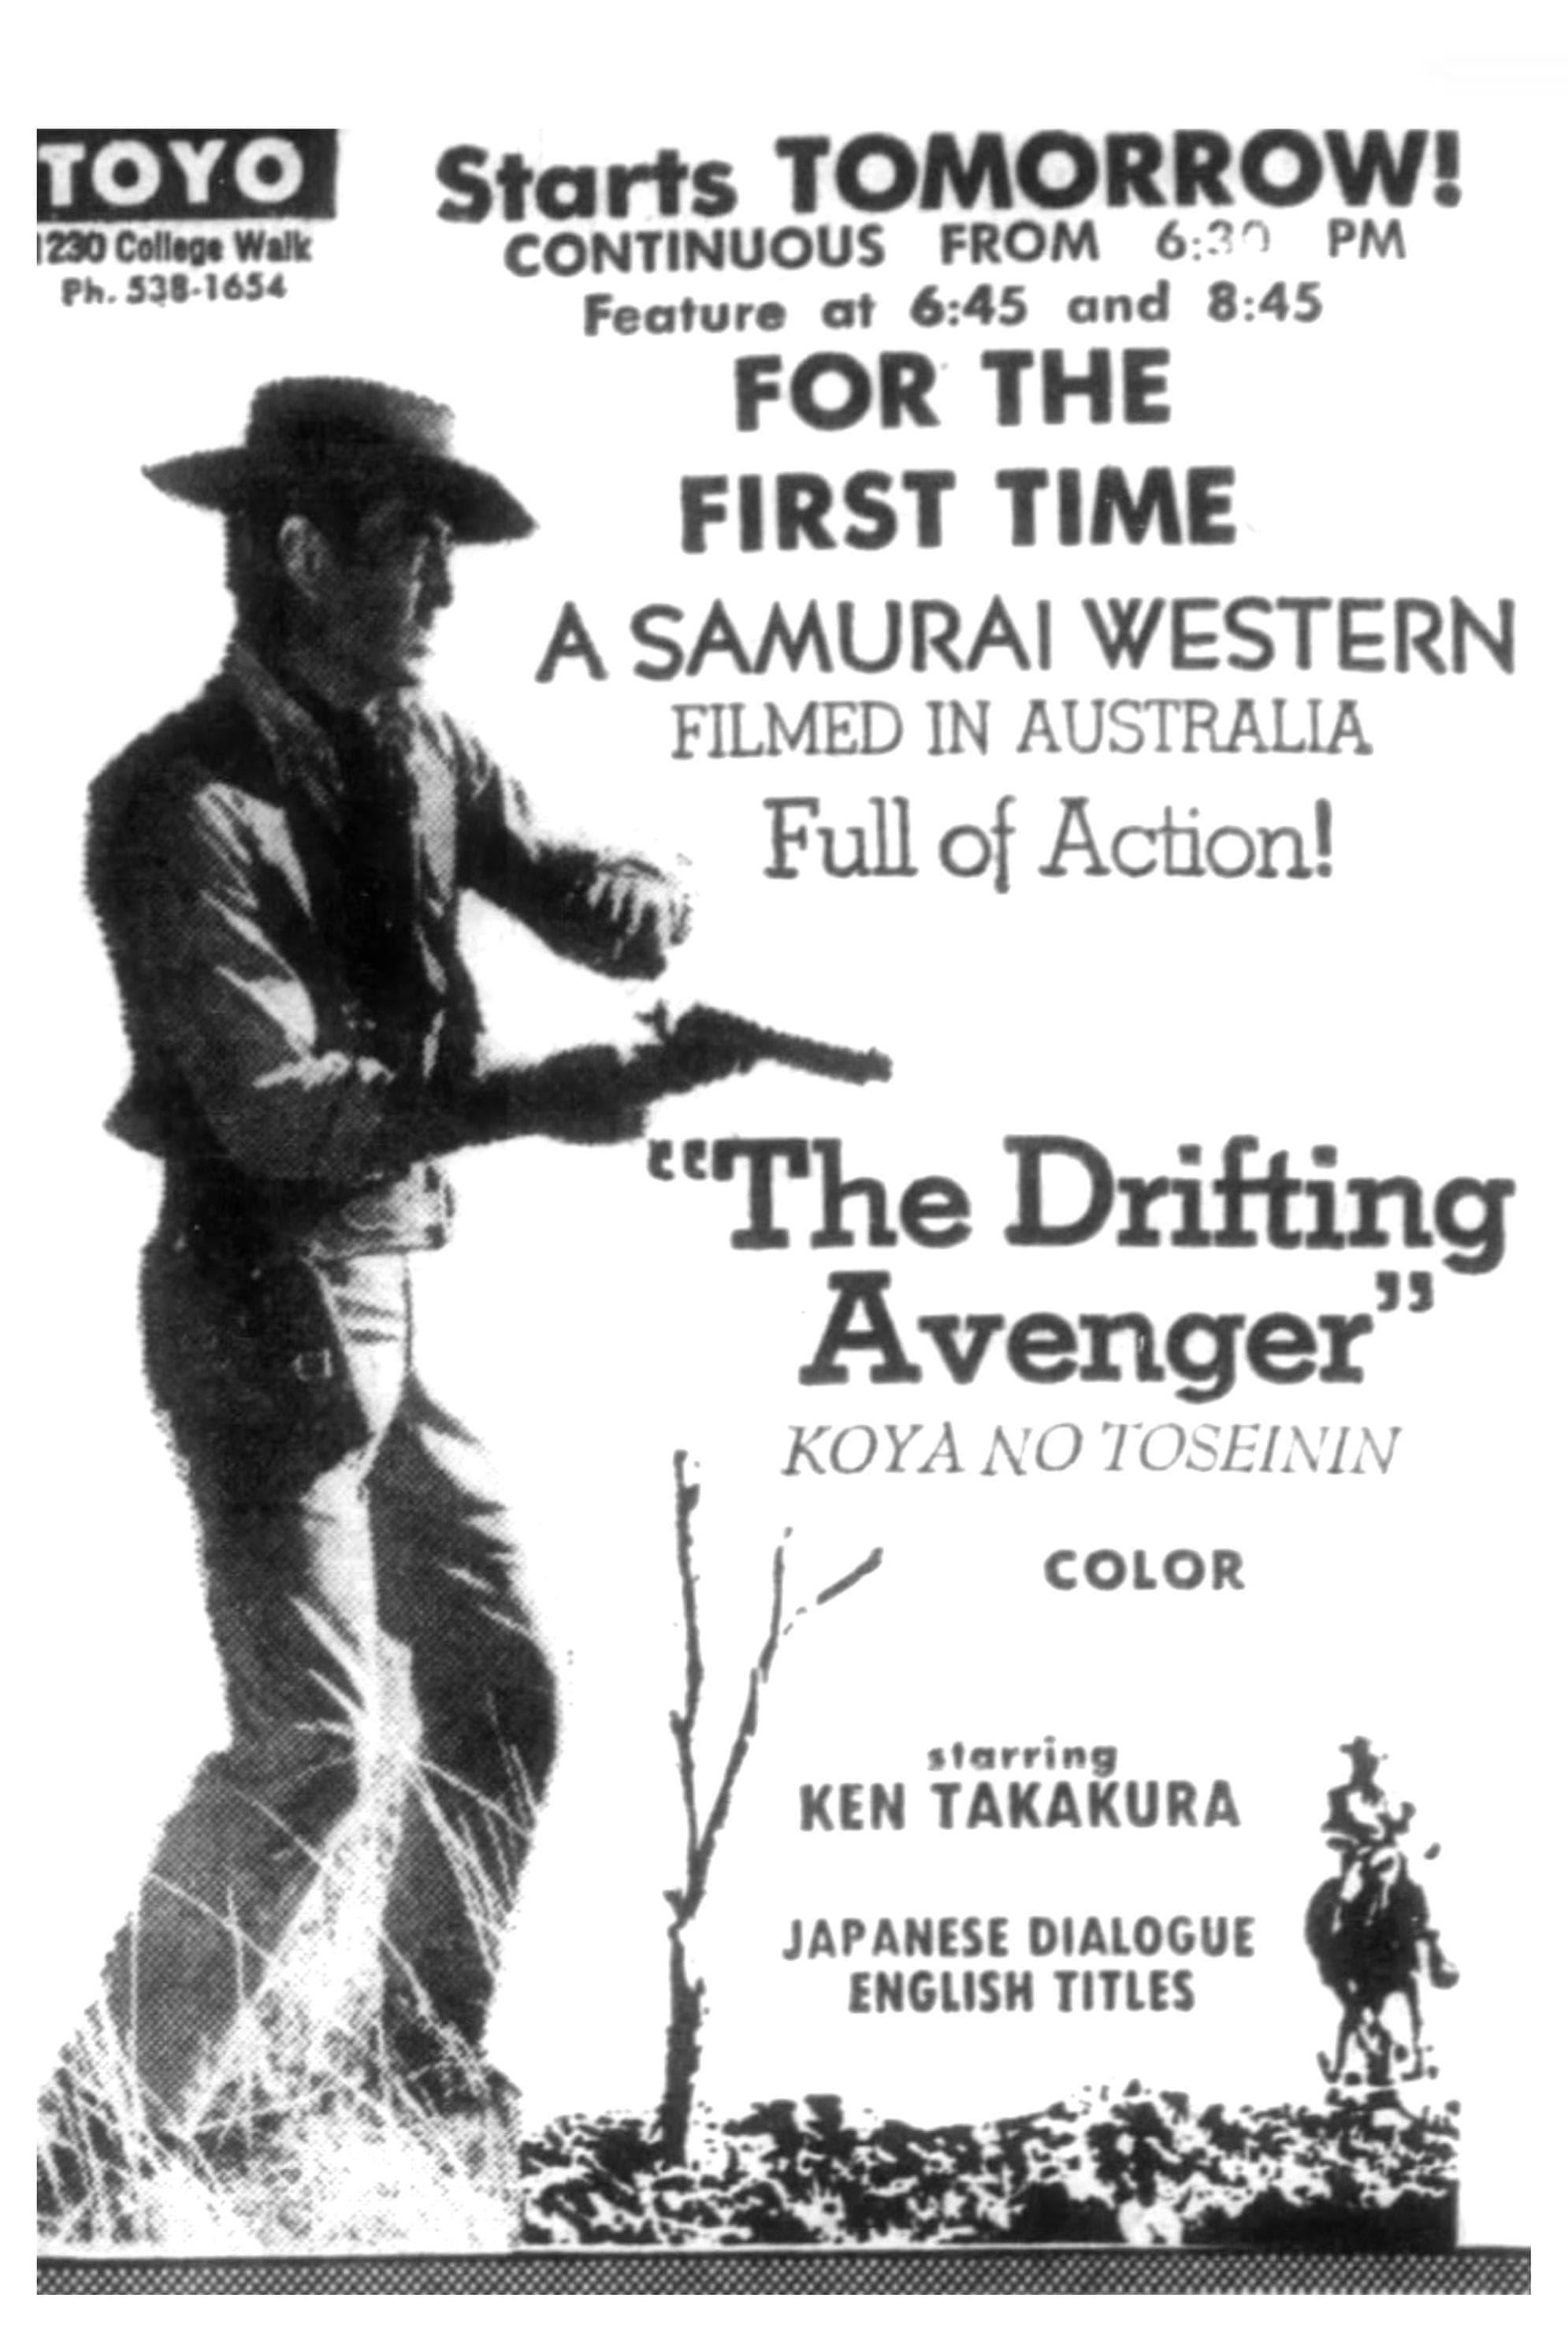 The Drifting Avenger